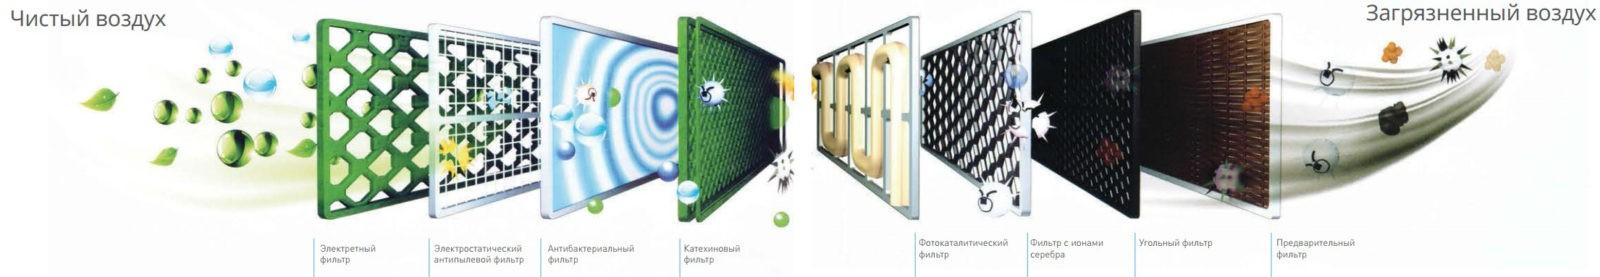 фильтры в кондиционерах ClimatRS